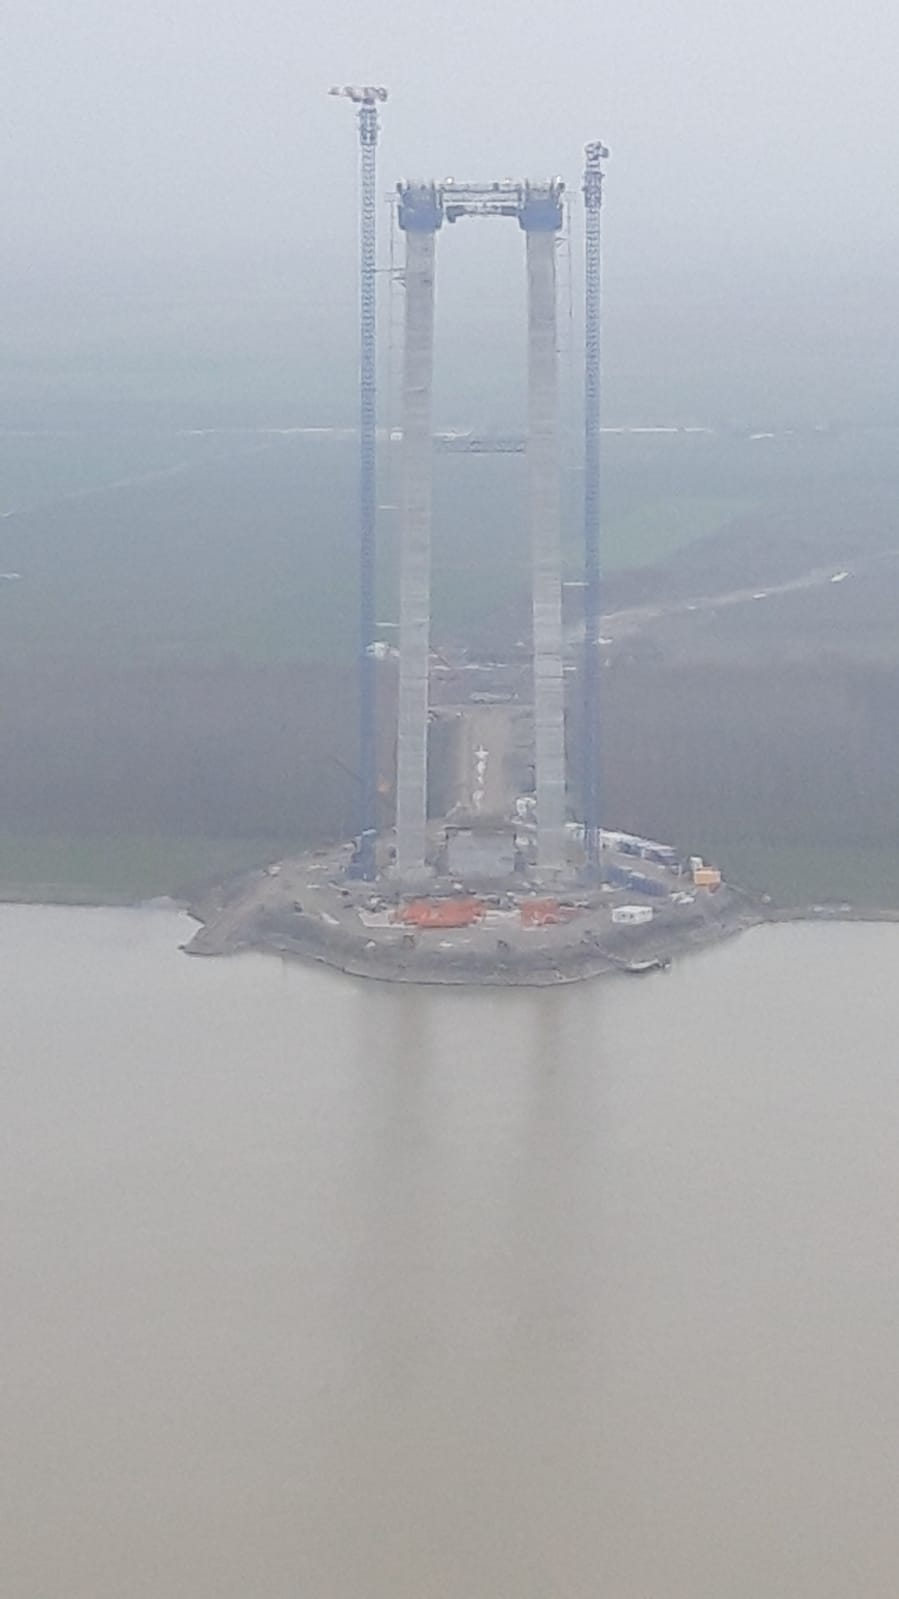 Podul suspendat peste Dunăre : exproprieri pentru amplasamentul suplimentar